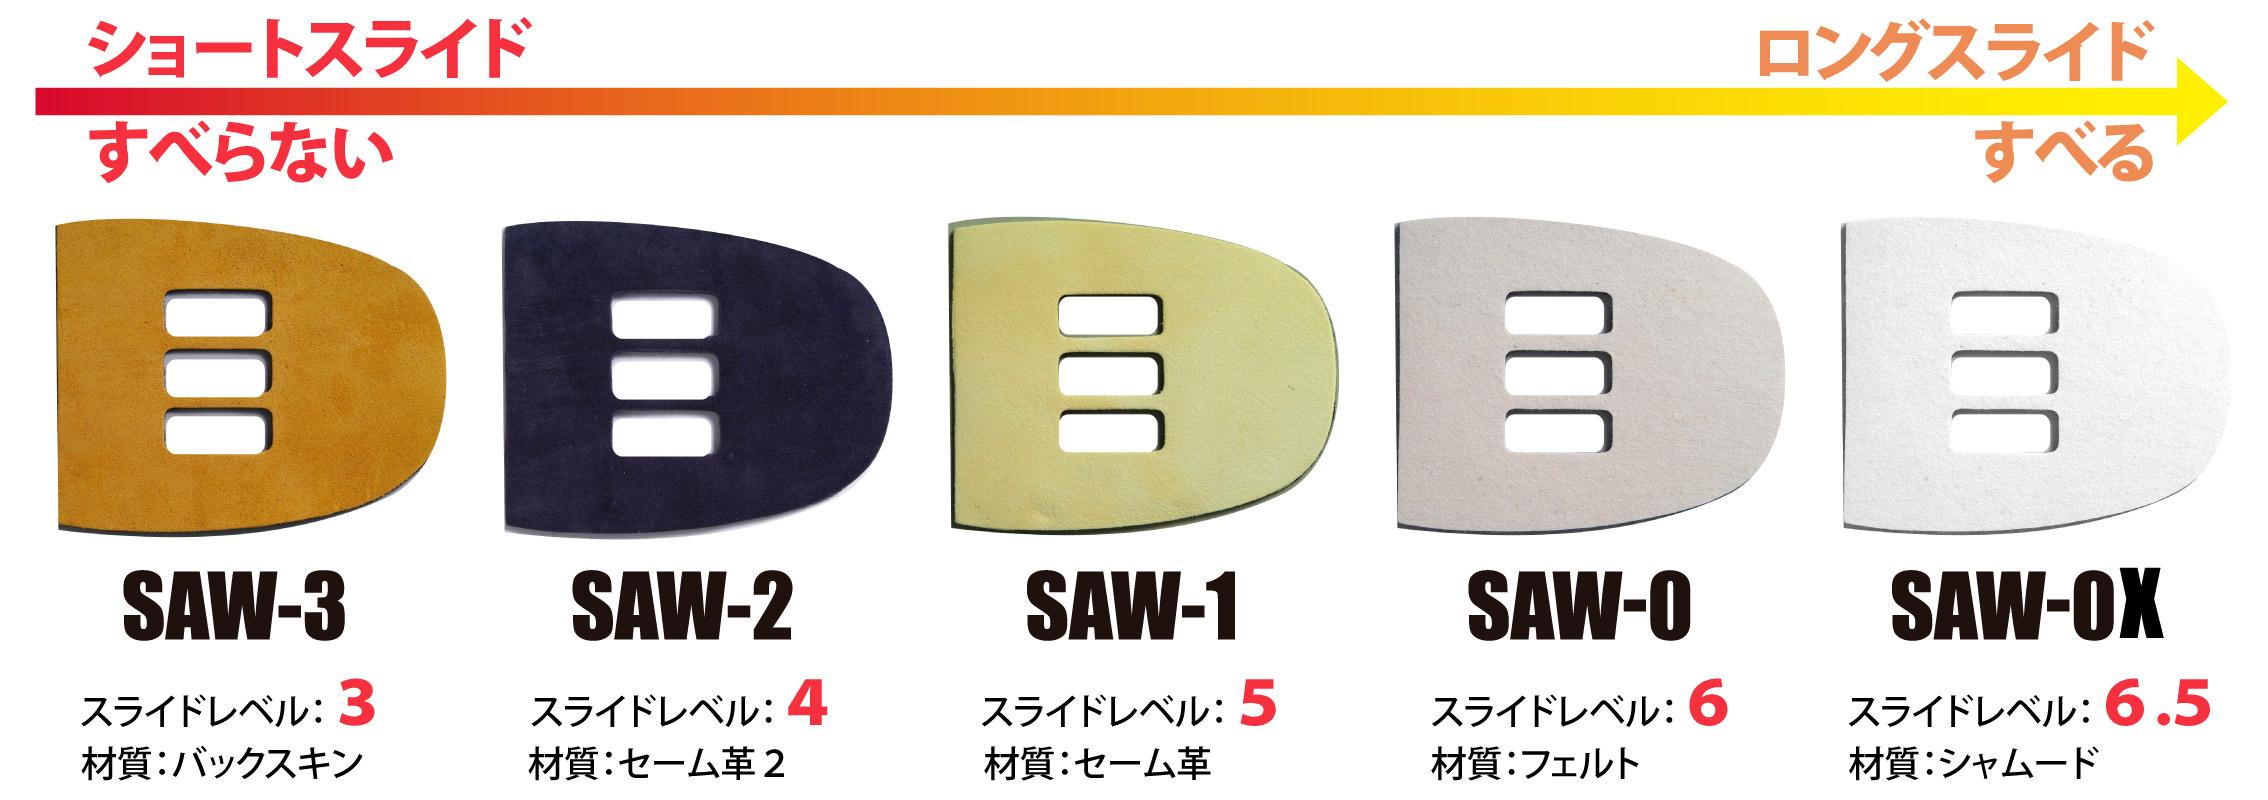 スライドソール SAW-1